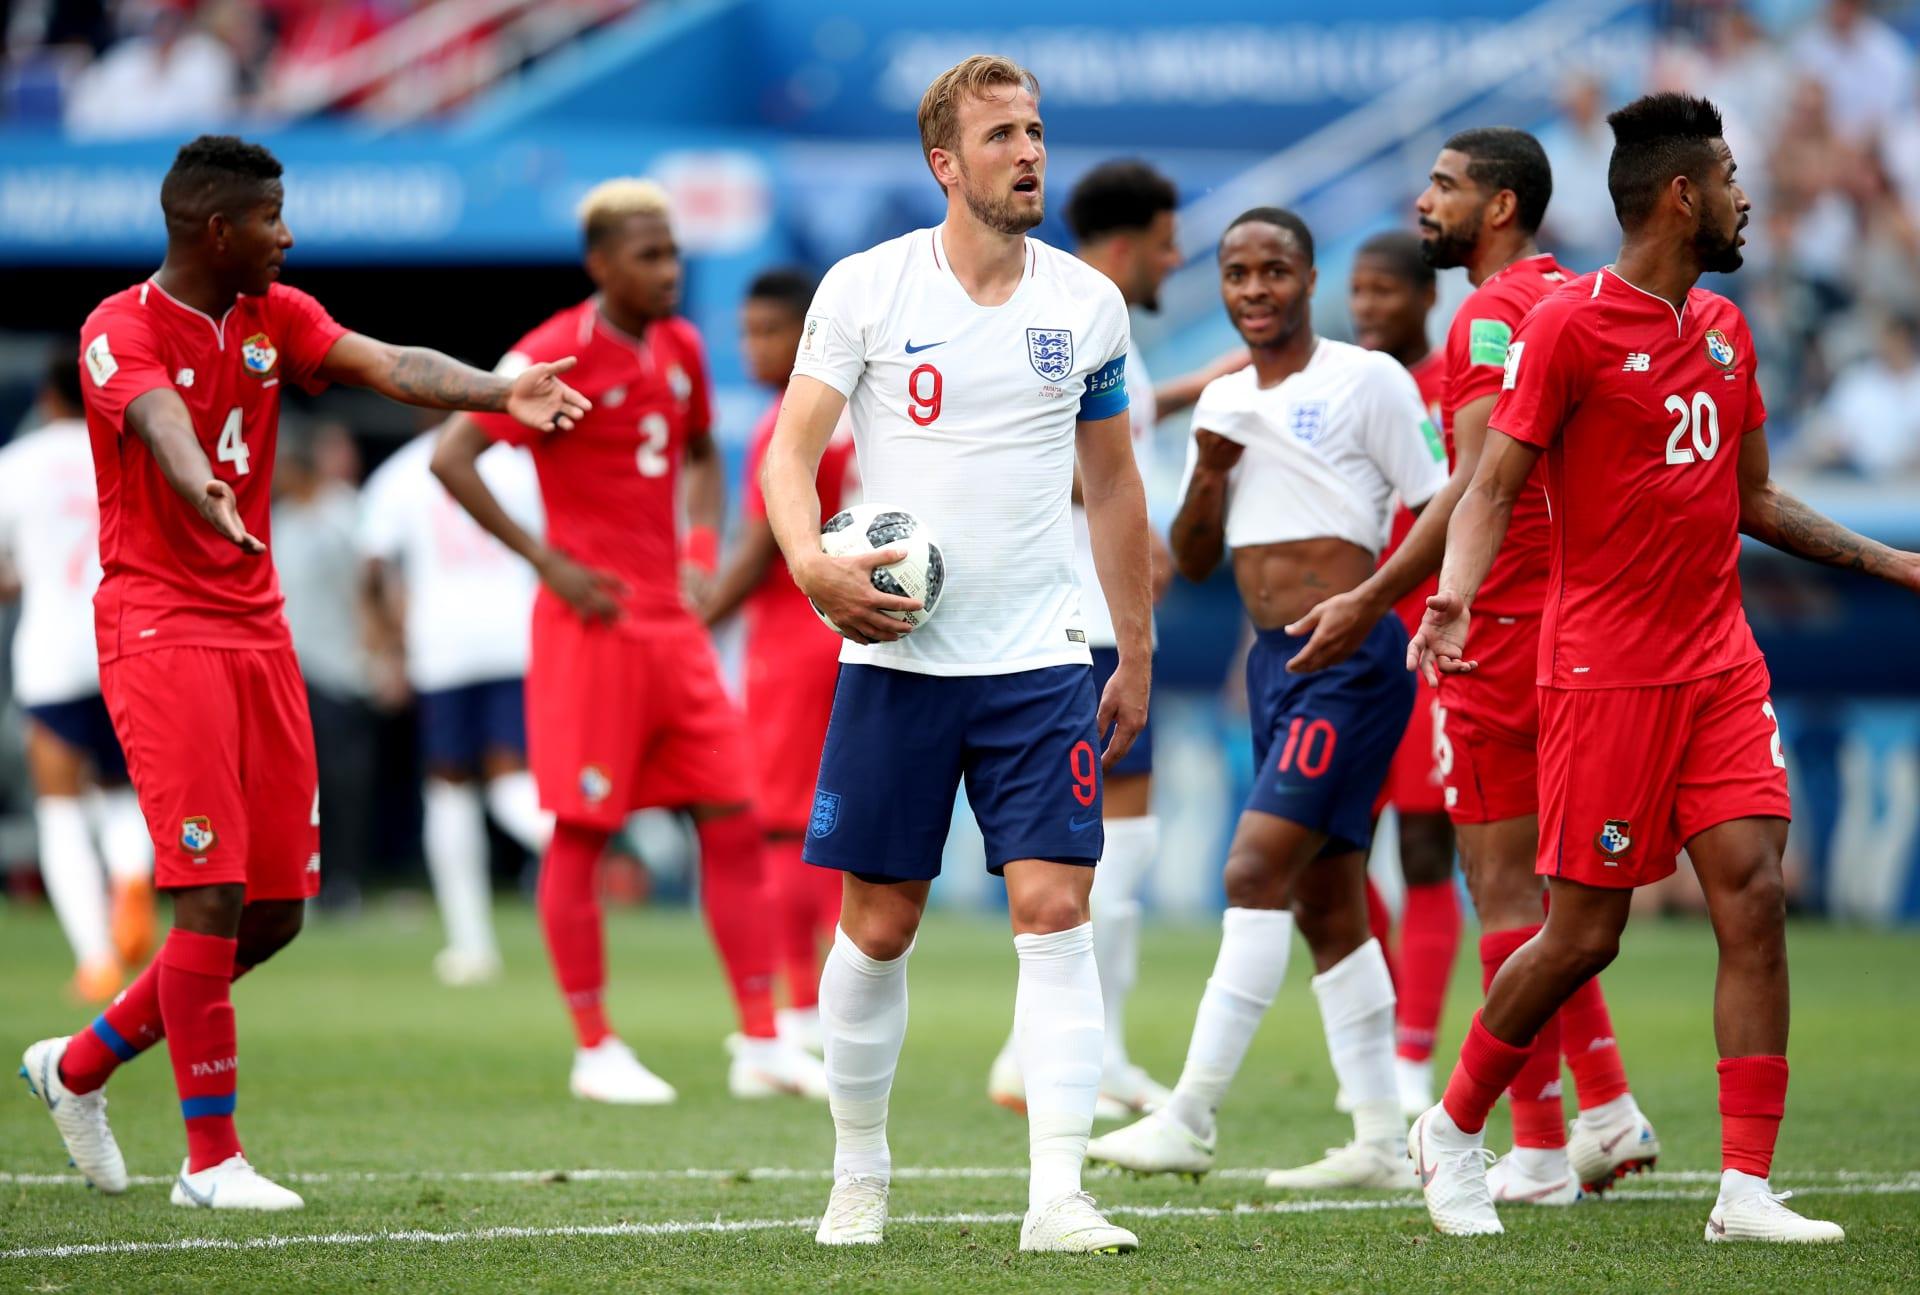 إنجلترا تقسو على بنما بسداسية وتتأهل رفقة بلجيكا إلى دور الـ16